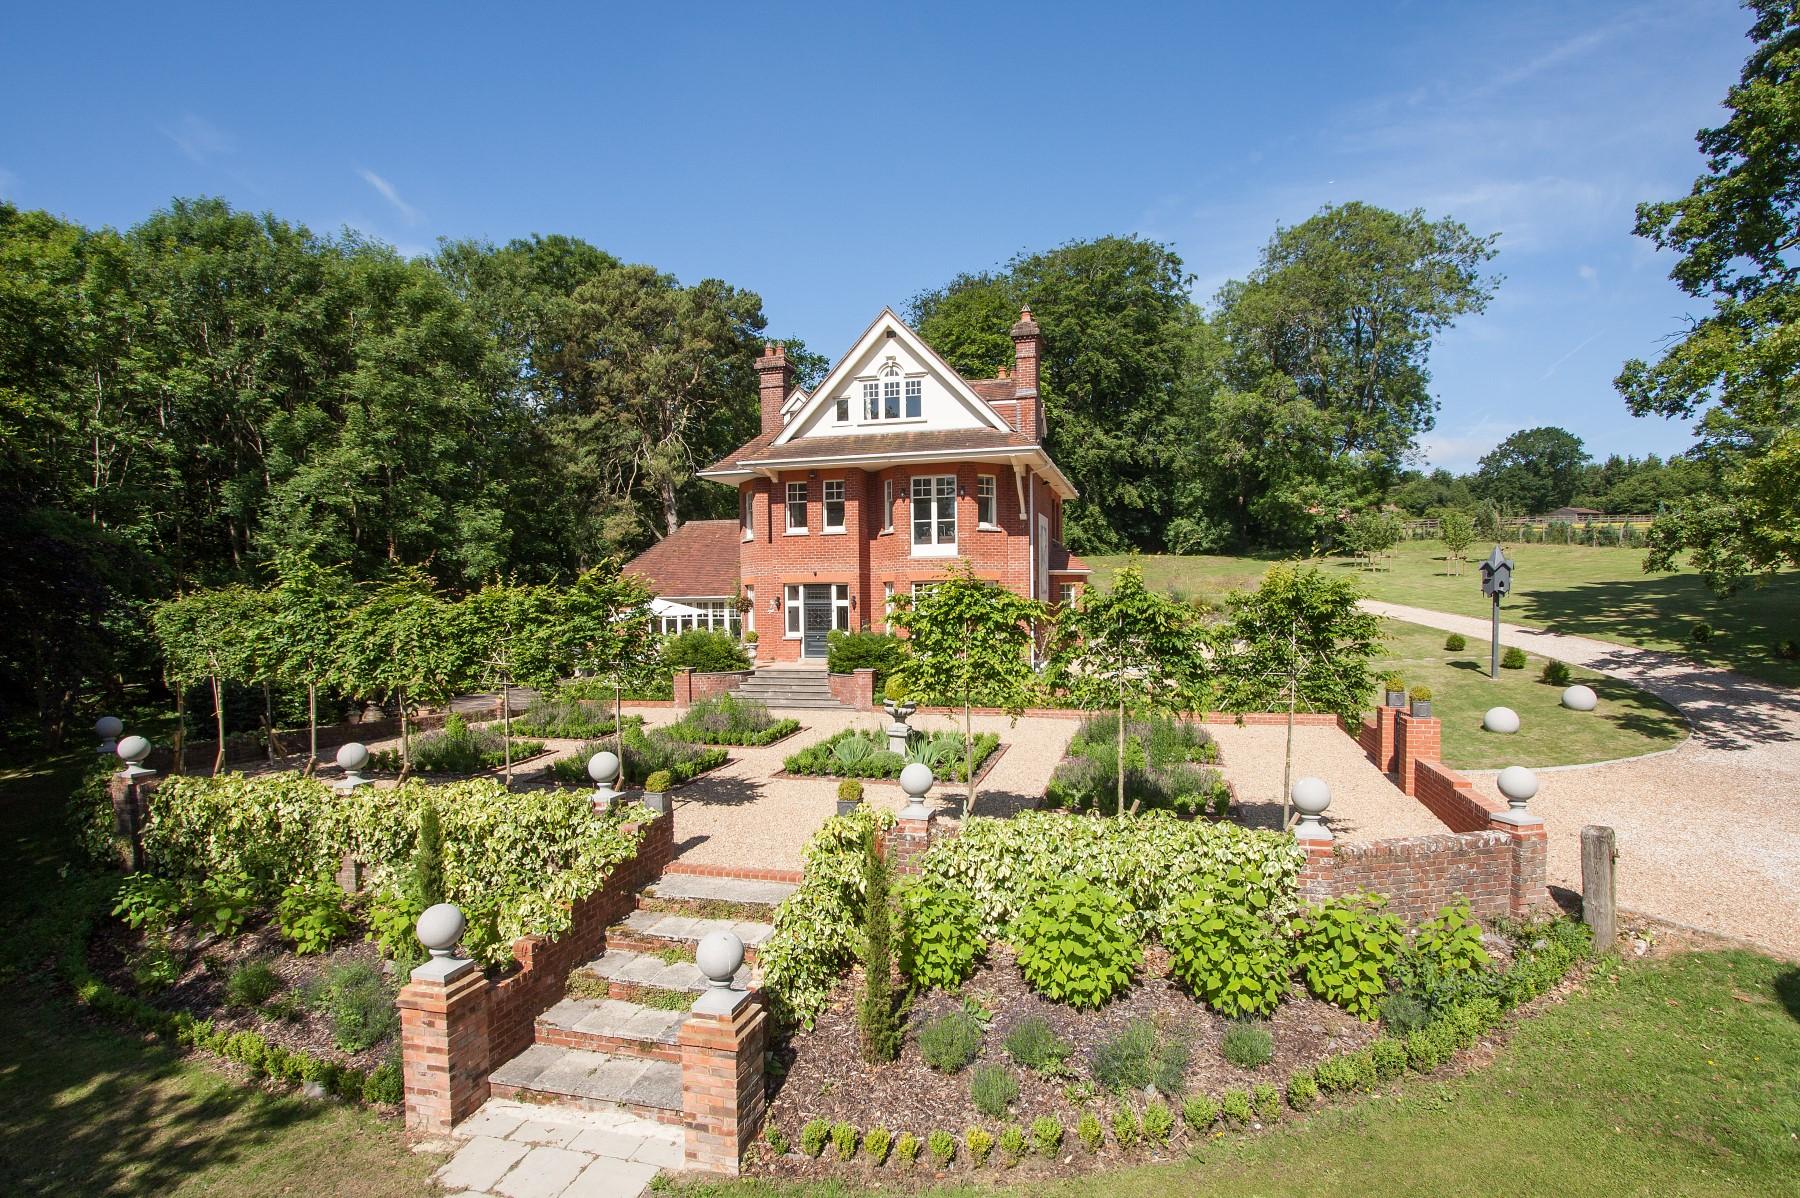 Maison unifamiliale pour l Vente à Edwardian Country Home Farringdon Other England, Angleterre, GU343ND Royaume-Uni